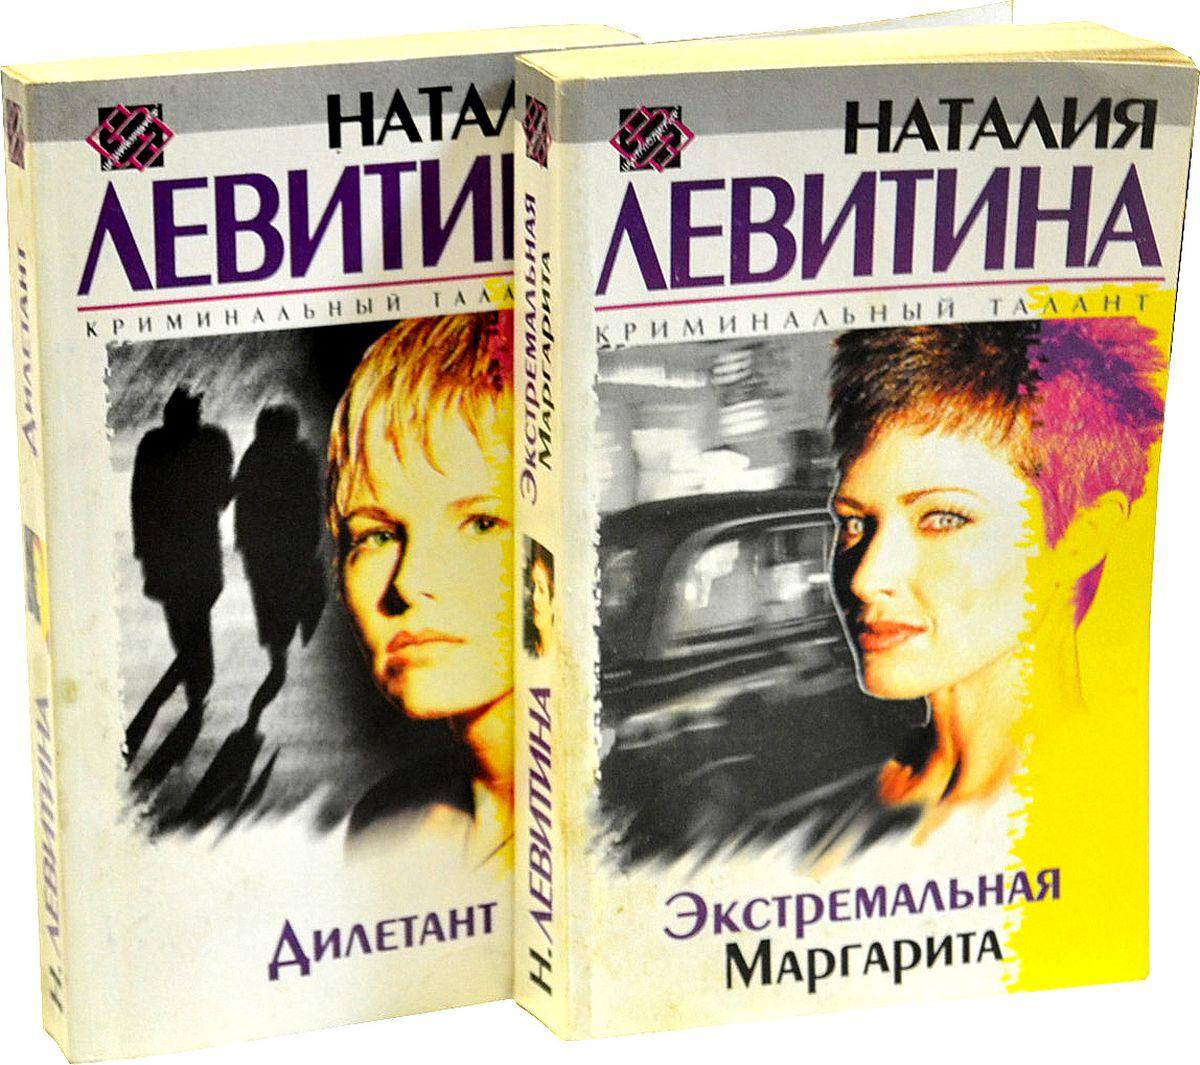 """Левитина Н. Серия """"Наталия Левитина"""" (комплект из 2 книг)"""